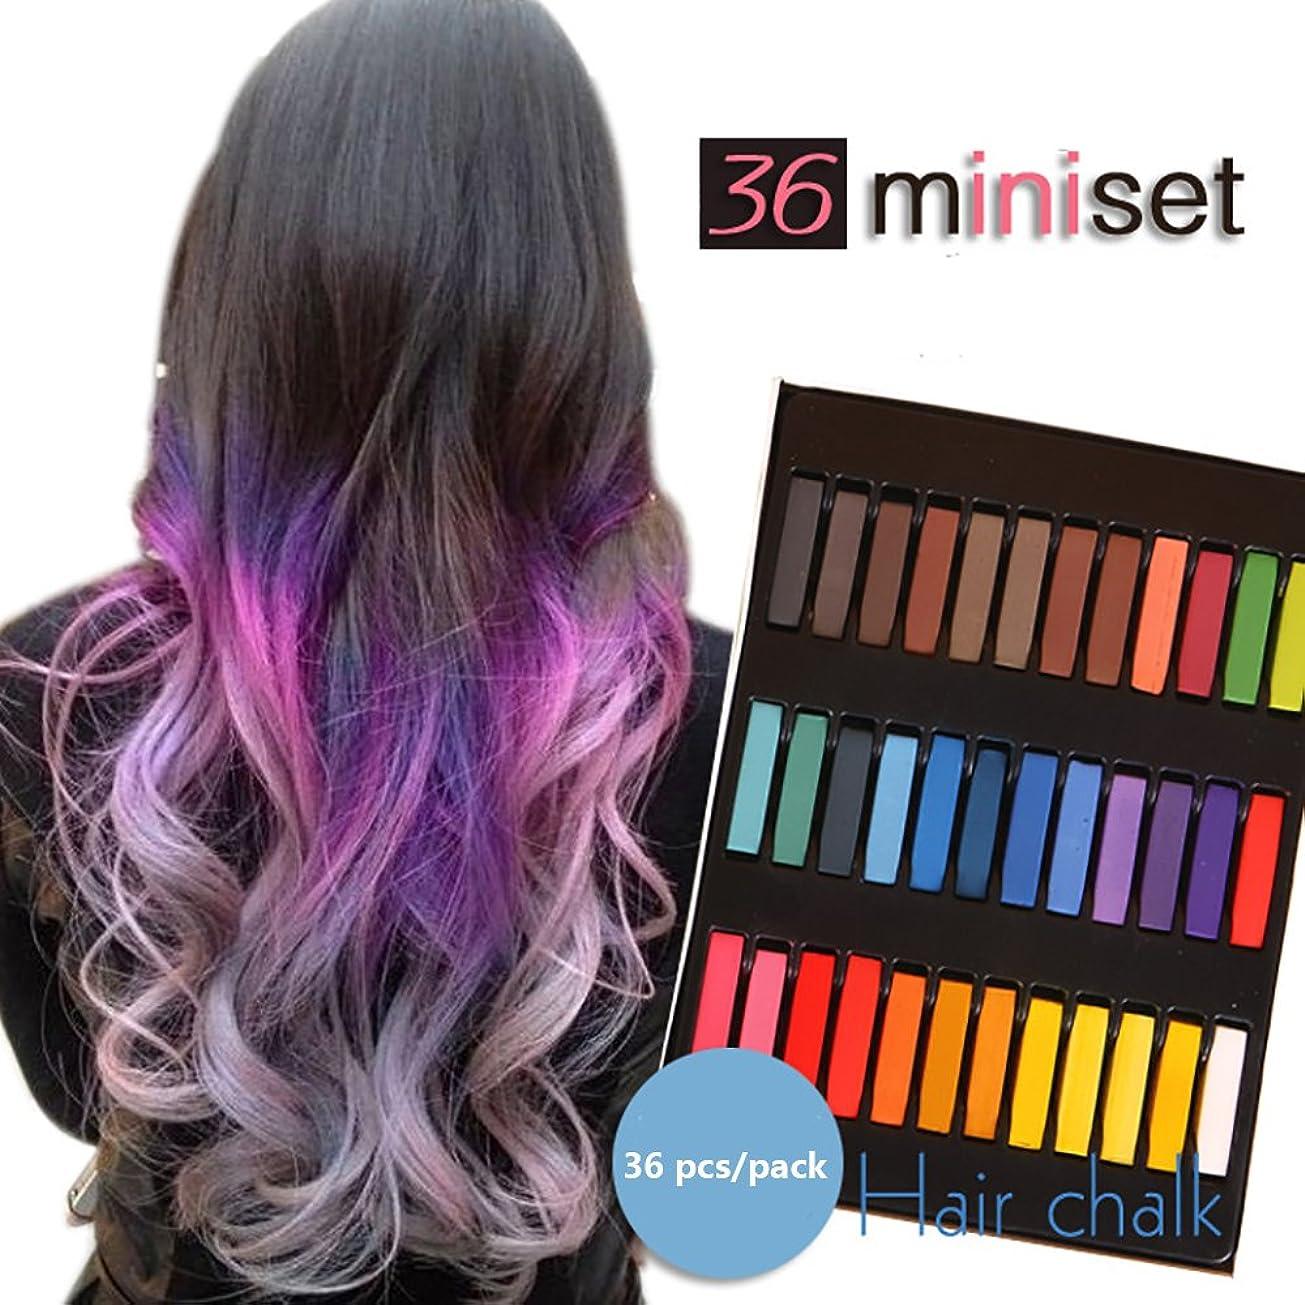 機会保護する廃棄する大ブレイク中!HAIR CHALKIN 選べる 6色/12色/24色/36色 髪専用に開発された安心商品! ヘアチョーク ヘアカラーチョーク 一日だけのヘアカラーでイメチェンが楽しめる!美容室のヘアカラーでは表現しづらい色も表現できます! (6色/12色/24色/36色セット)